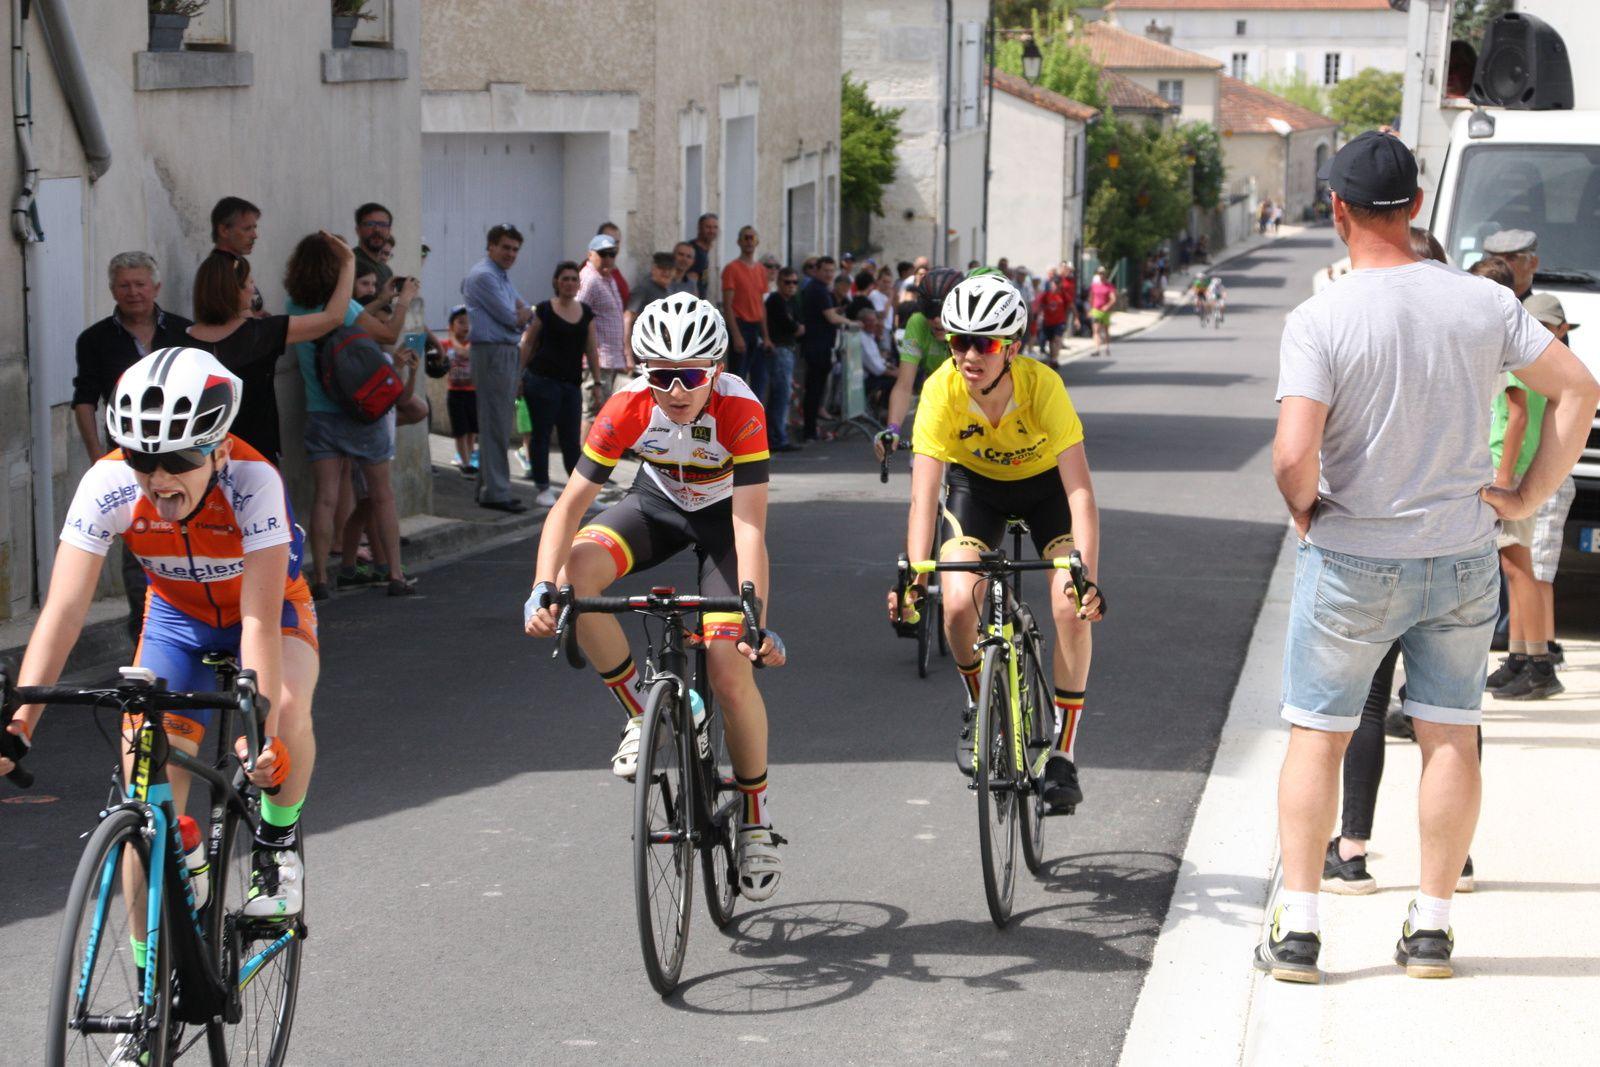 3e  Lucas  MARELLI  BALANDIER(UA La Rochefoucault), 4e  Colin  JOURDAN (VC  Pays de Langon), 5e  Victor  HUCTEAU (Angouléme  VC), 6e  Mathias  VERDOUX ZORZOLI(CO La Couronne), 7e  Romain  ROSELLO(Côte de Beauté C)